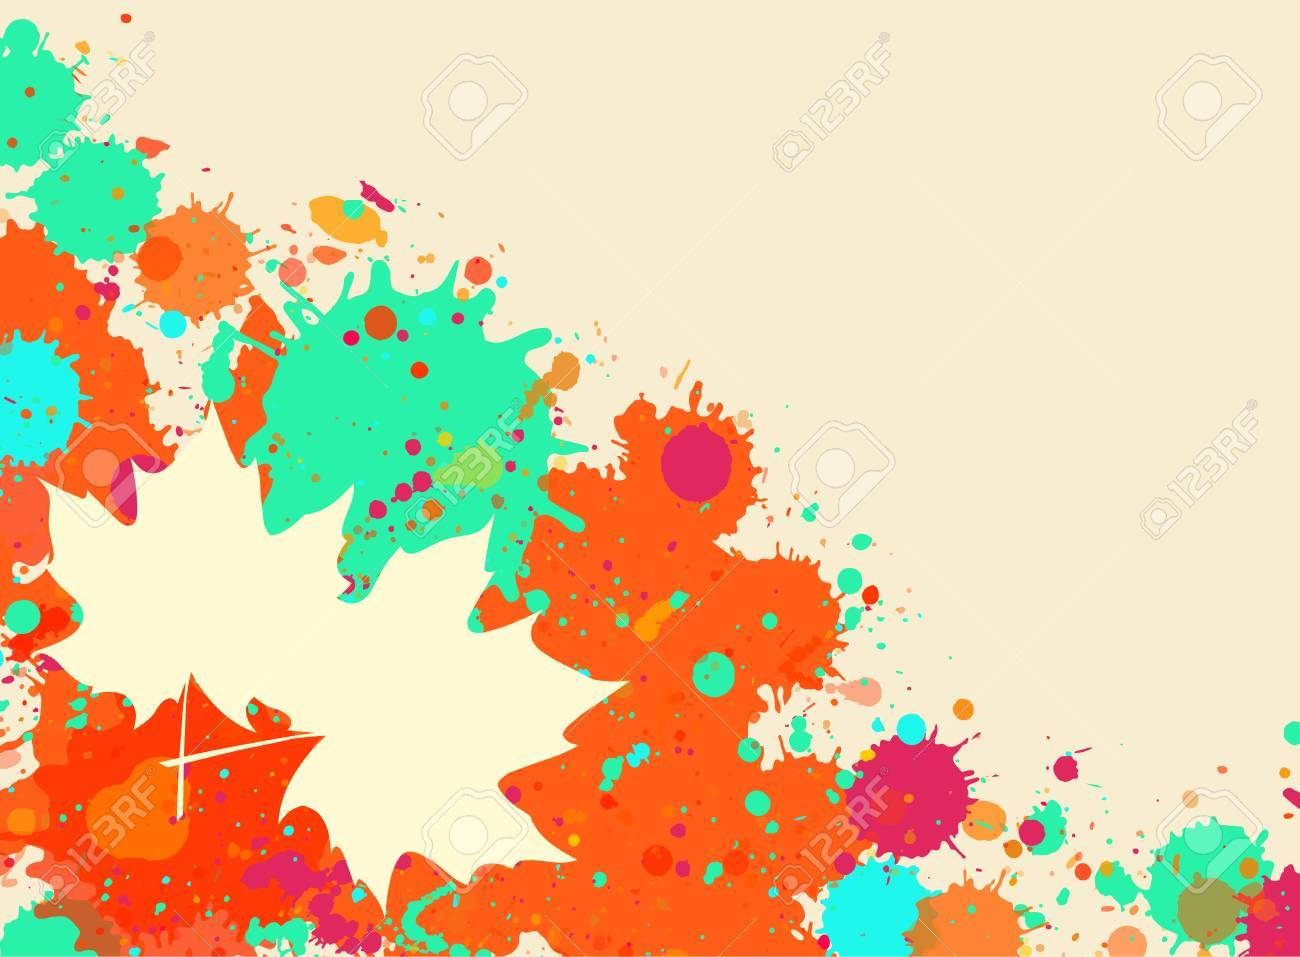 Helle Orange Und Grün Aquarell Farbe Splatter-Rahmen Mit Herbst ...